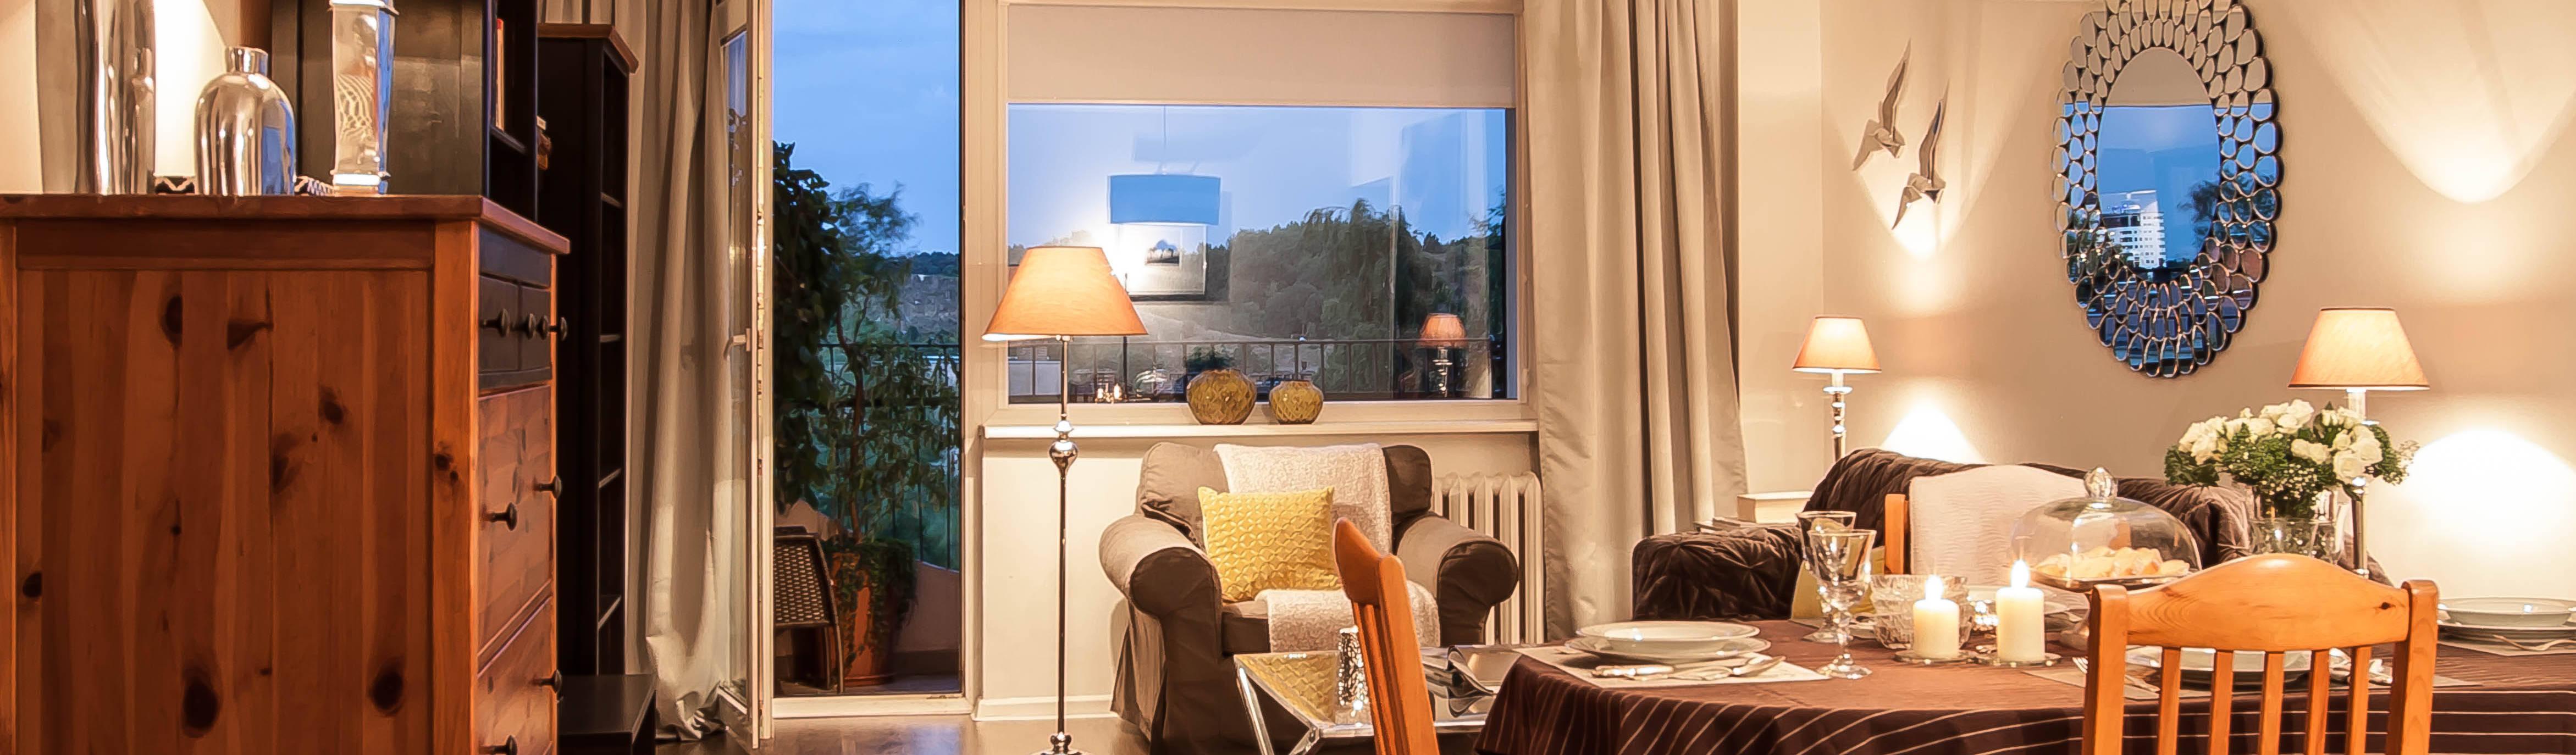 LUNA home staging & design